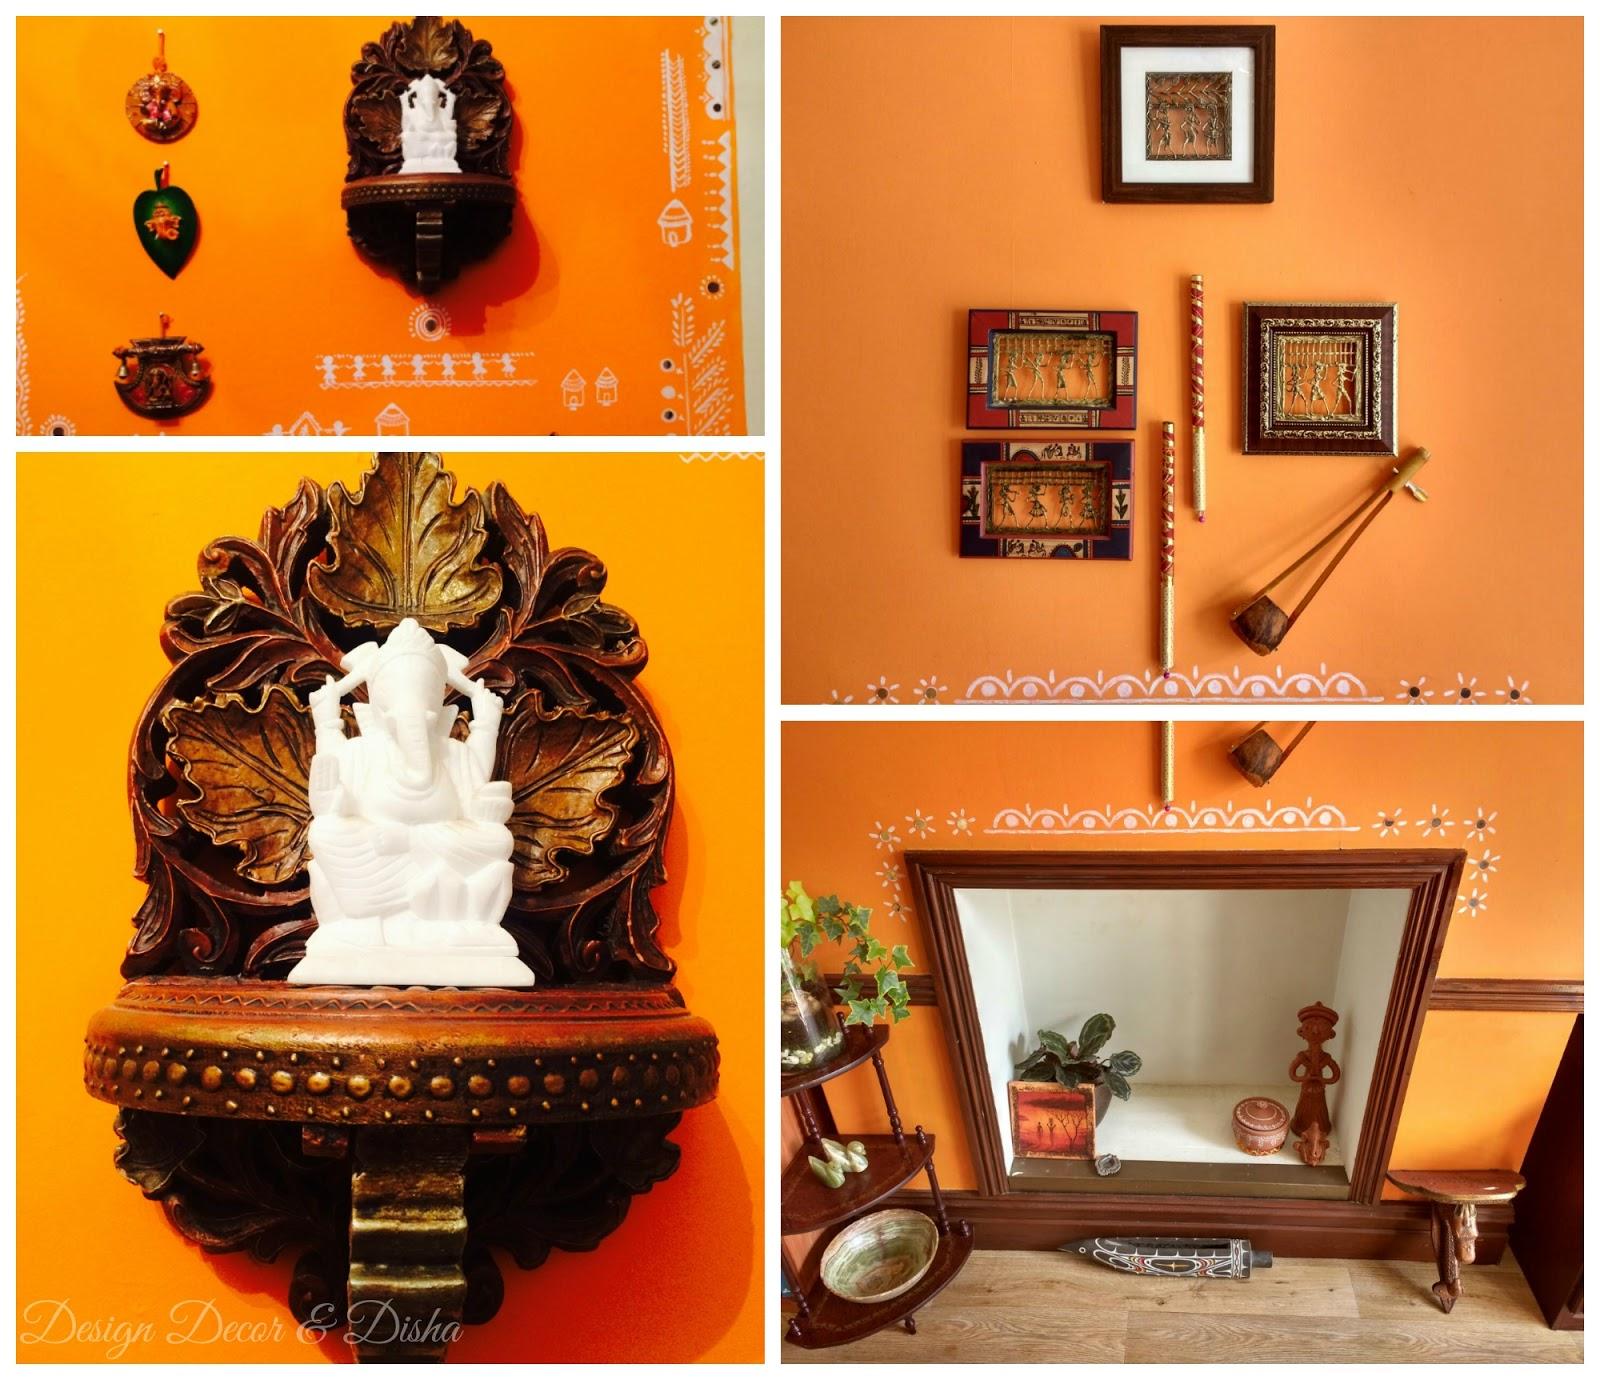 Design decor disha an indian design decor blog home for Elle decor india contact